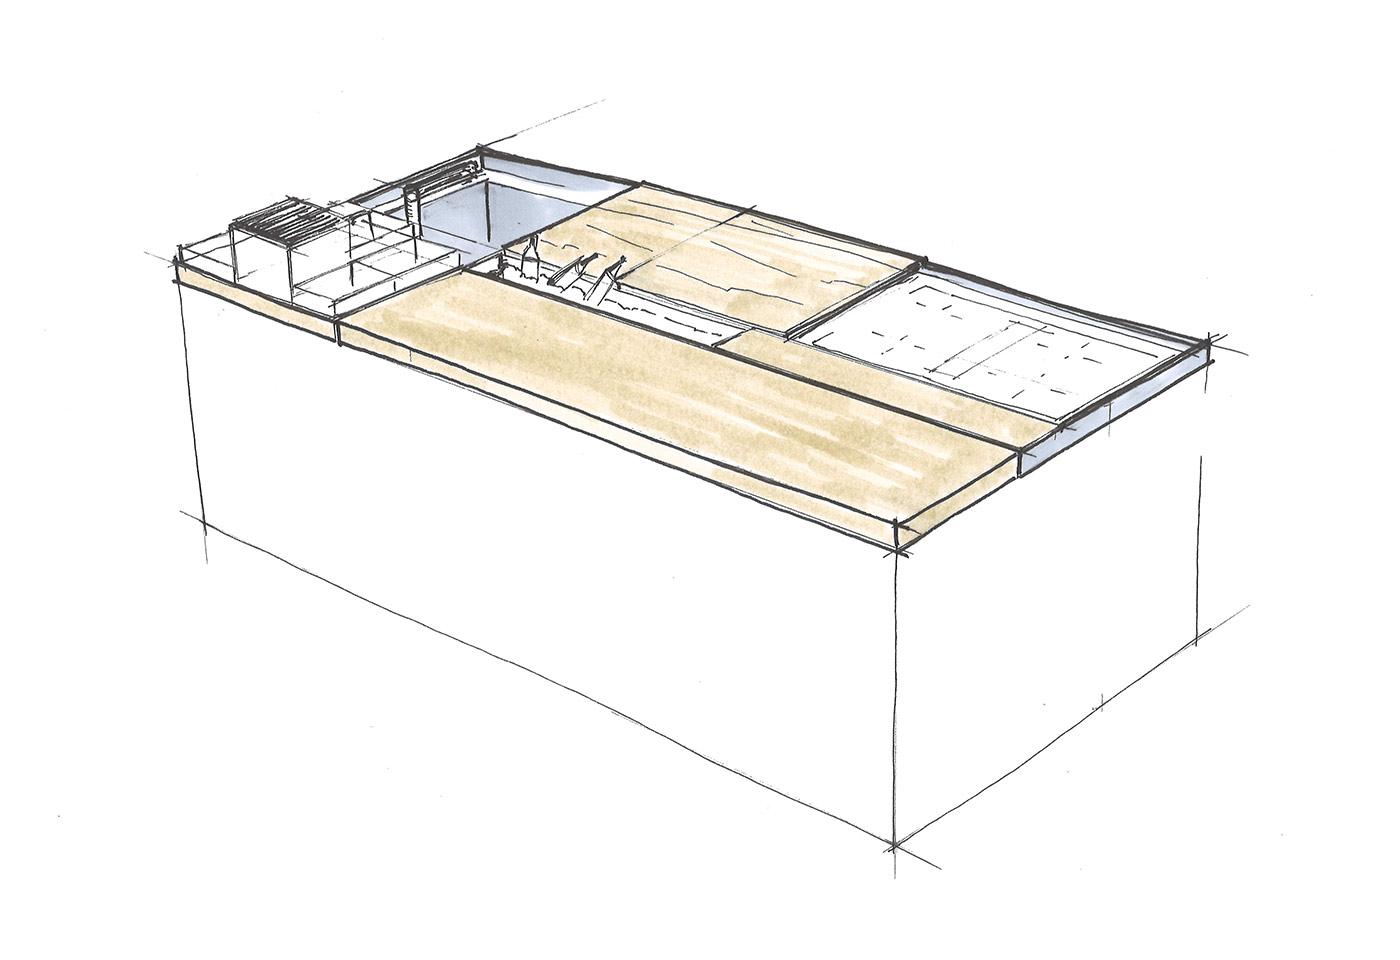 Zeichnung einer Kücheninsel mit zusätzlichem Stauraum, um Kochinsel als Wohnküche zu nut-zen.